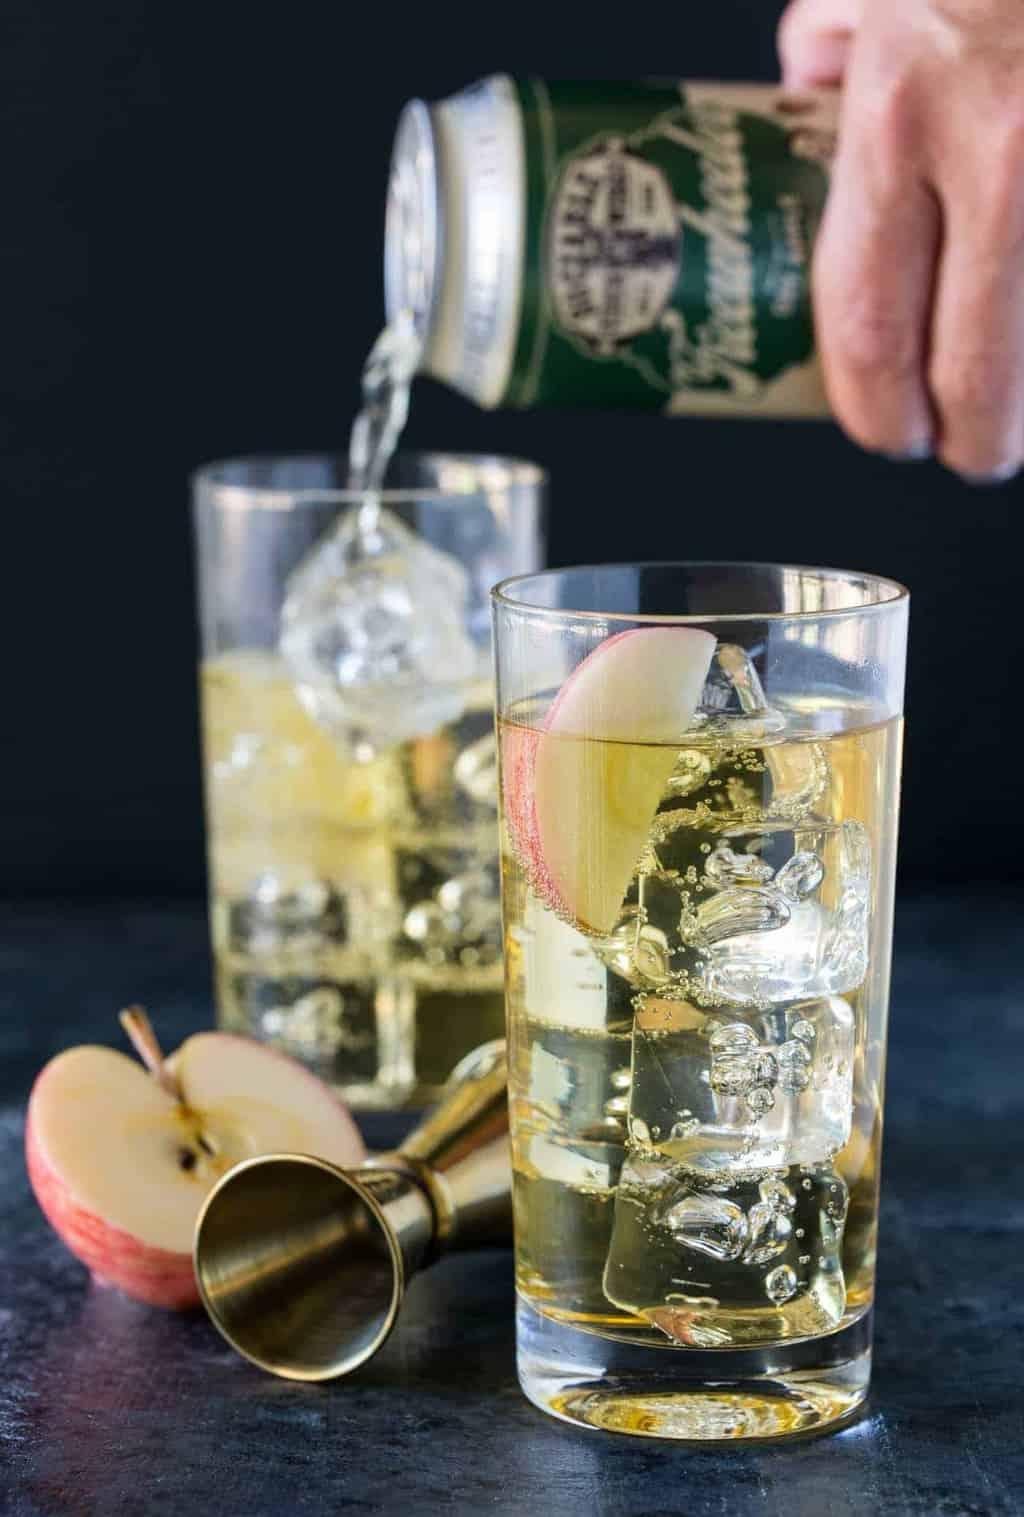 Two ice-filled glasses of Elderflower Hard Cider Cocktails garnished with apple slices.